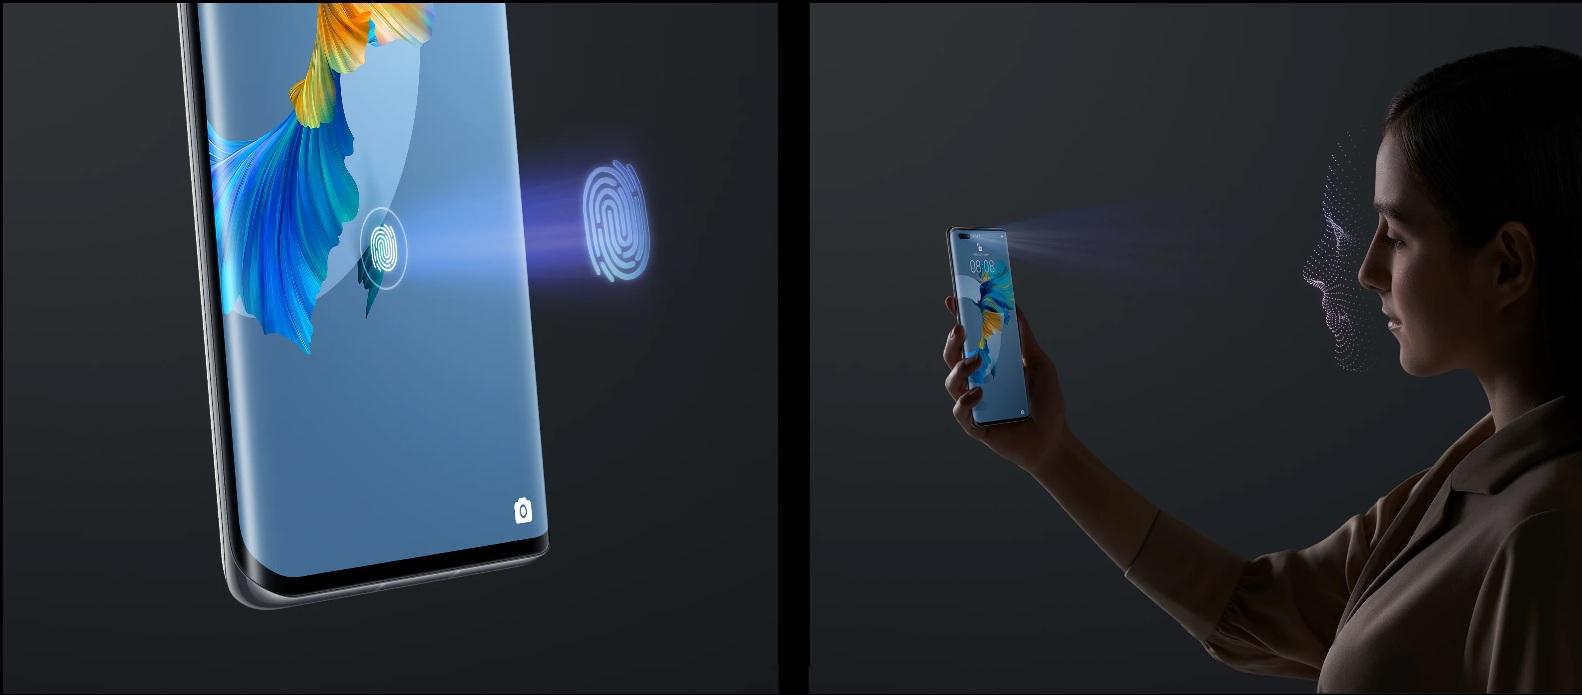 Escaneo facial y dactilar dos veces más rápido que la generación previa